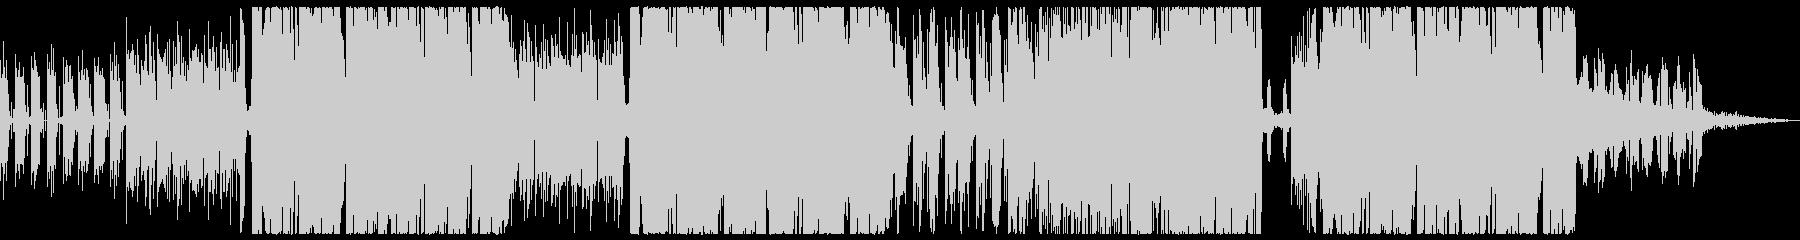 ゲームの通常ステージ時BGM的曲の未再生の波形